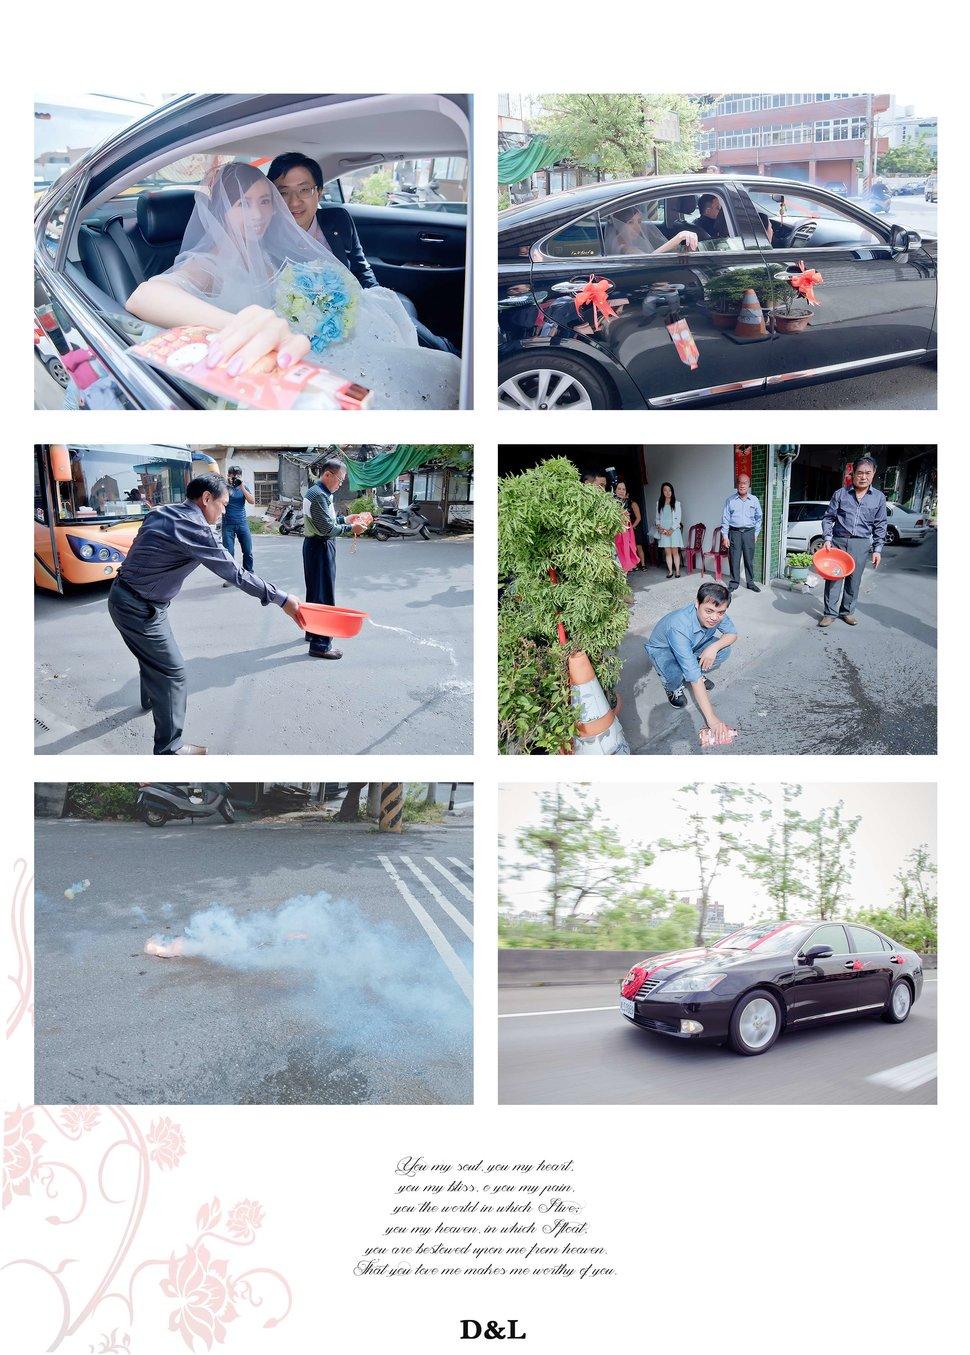 台中婚攝 婚禮記錄 維信&佩君-球愛物語景觀婚禮會館(編號:374401) - D&L 婚禮事務-婚紗攝影/婚禮記錄 - 結婚吧